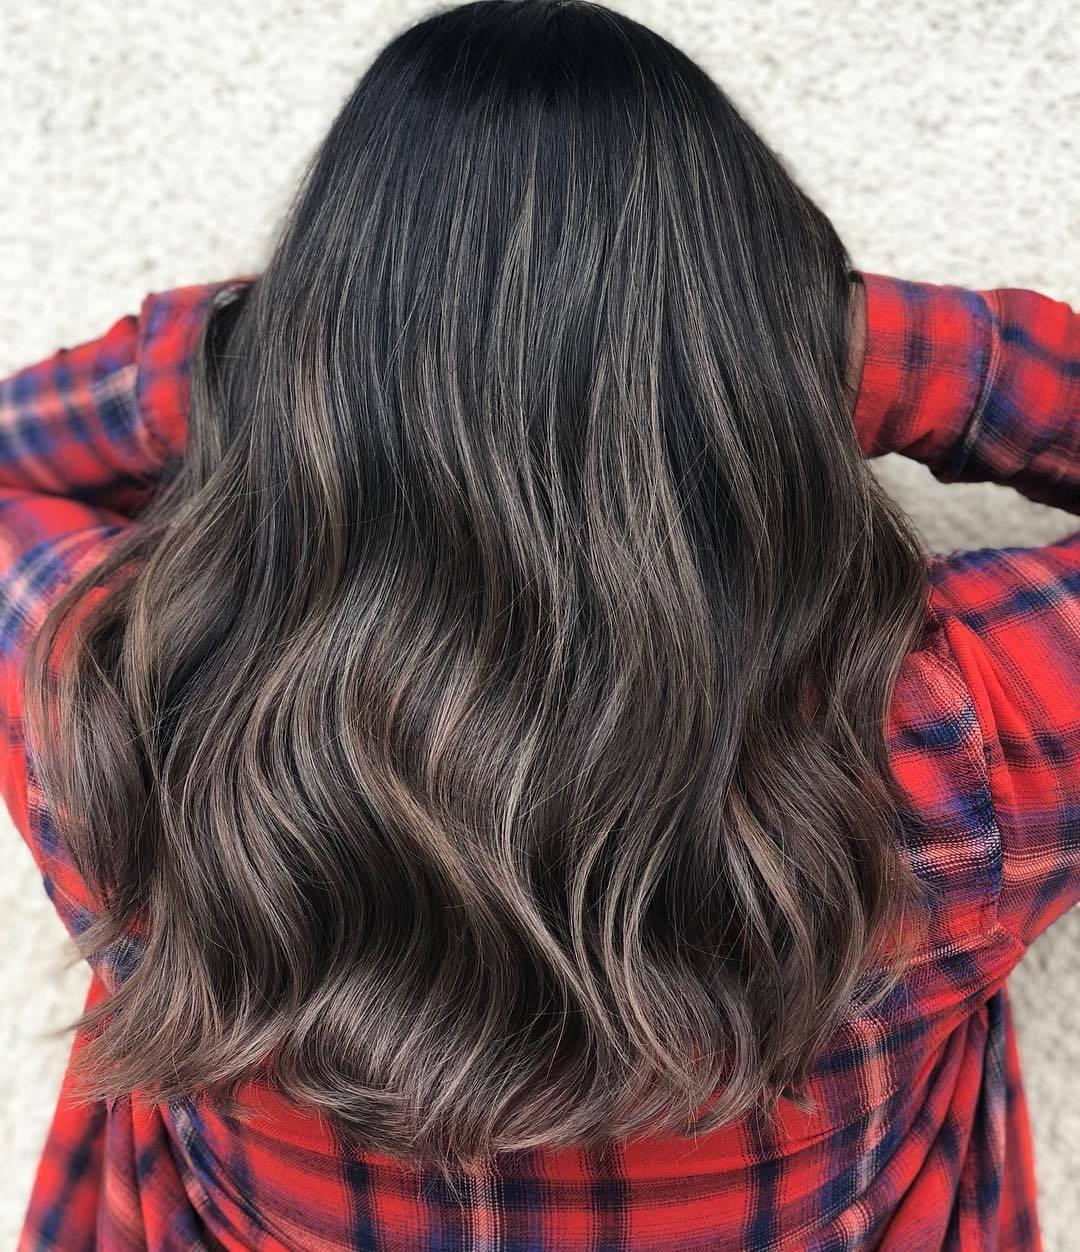 Der Sommer Haarfarben Trend für 2018: Ashbrown Hair